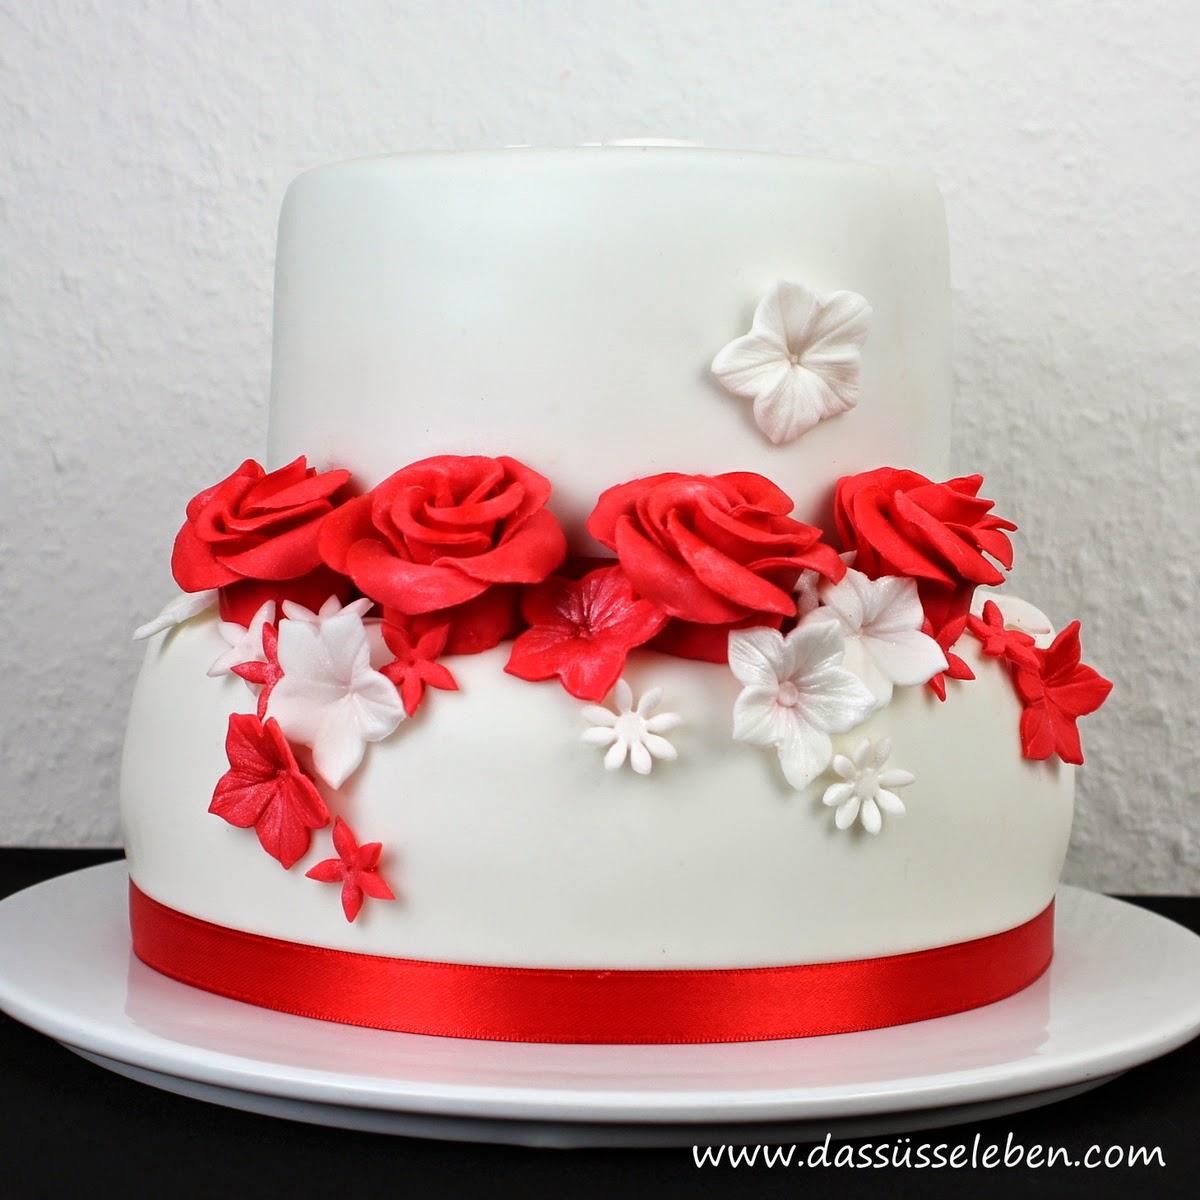 Rezept Rote Hochzeitstorte Mit Rosen Das Susse Leben